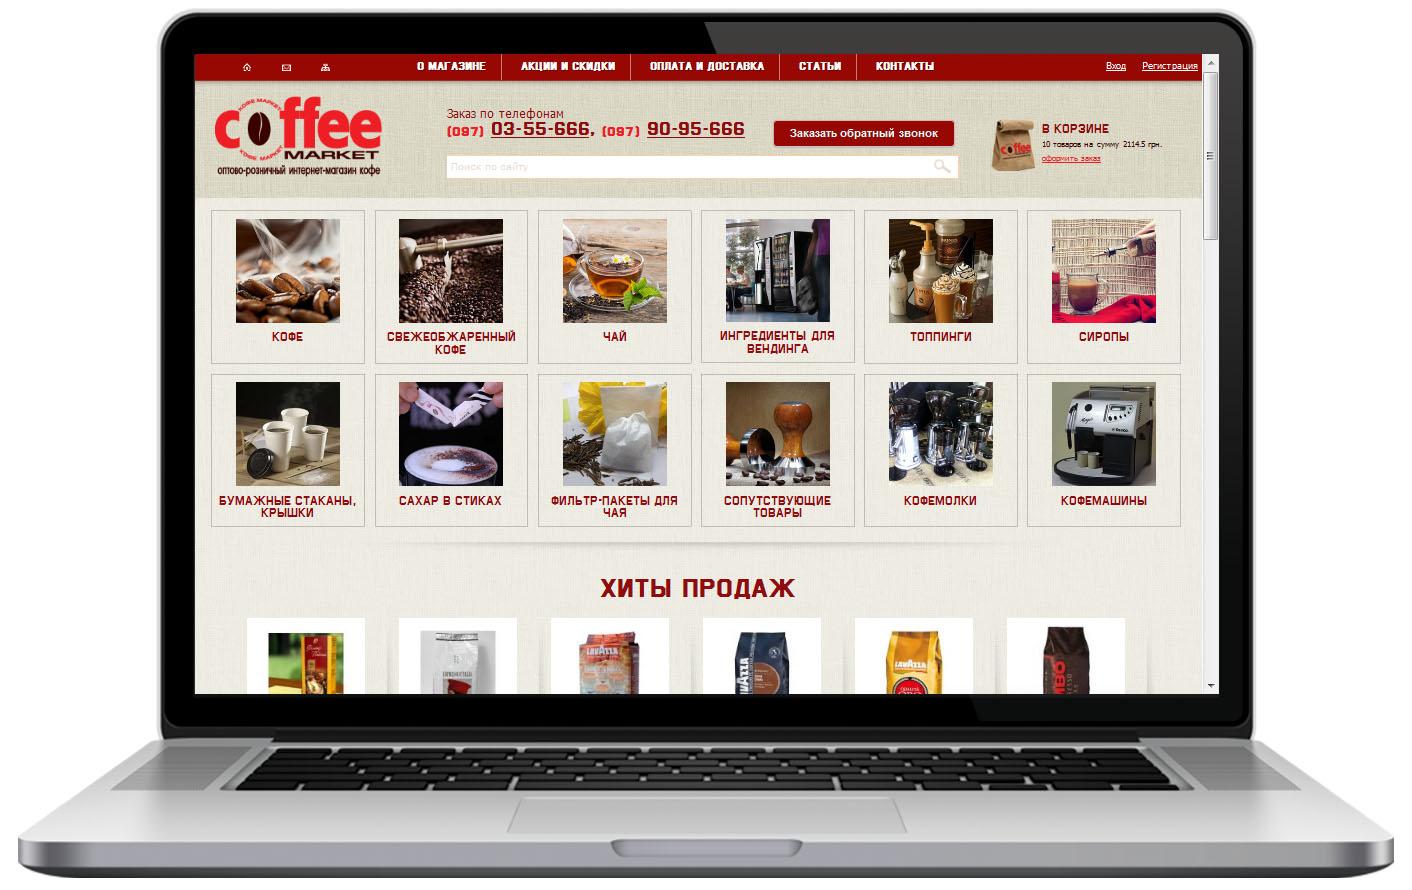 Просування сайту coffeemarket.dp.ua